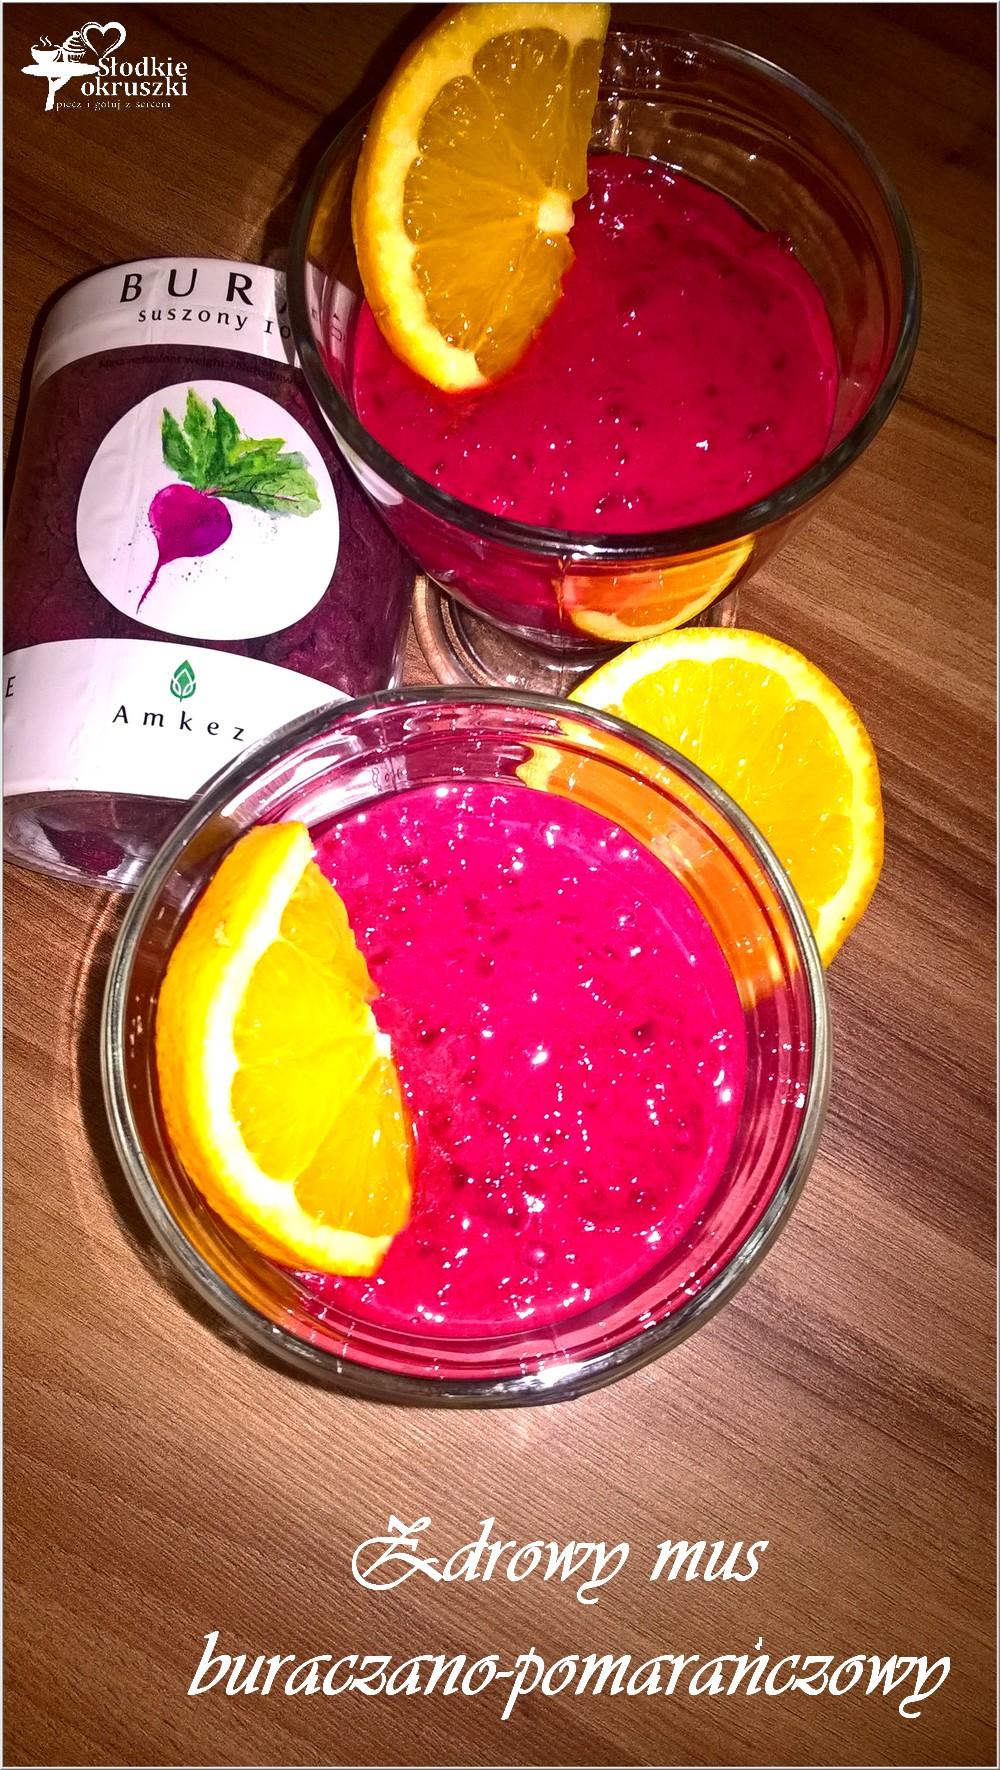 Zdrowy mus buraczano-pomarańczowy (słodki) (2)